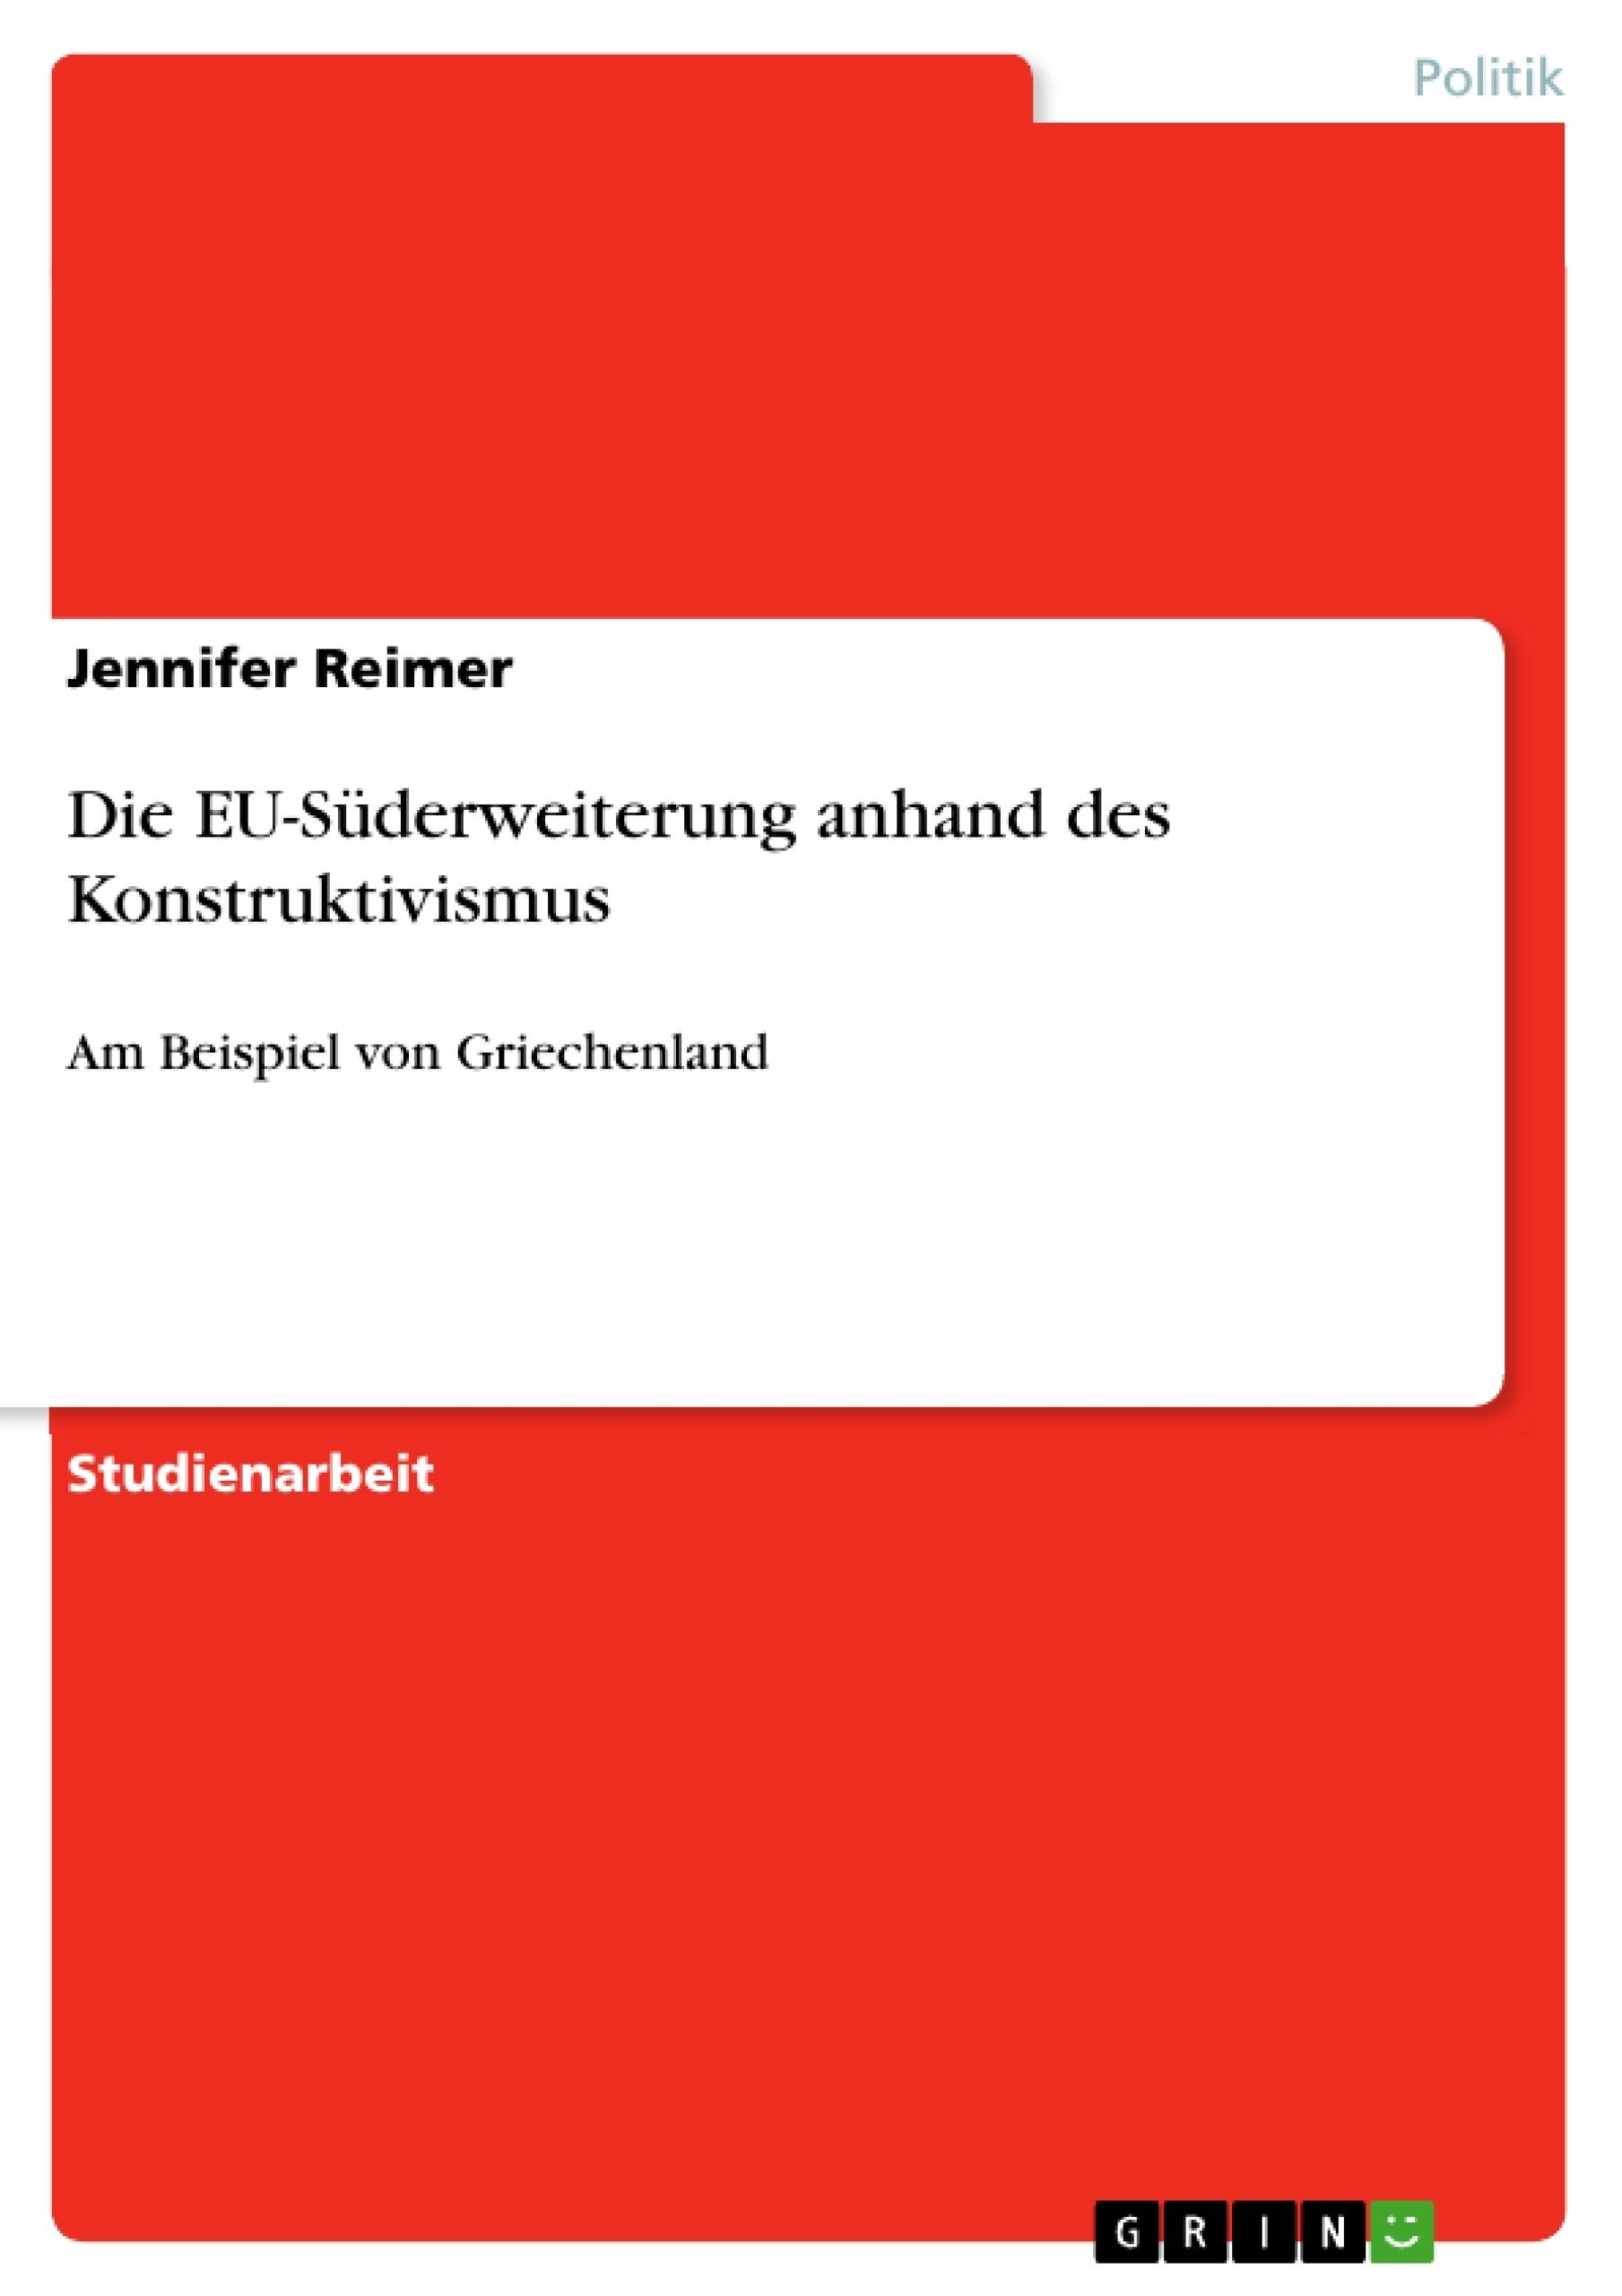 Titel: Die EU-Süderweiterung anhand des Konstruktivismus